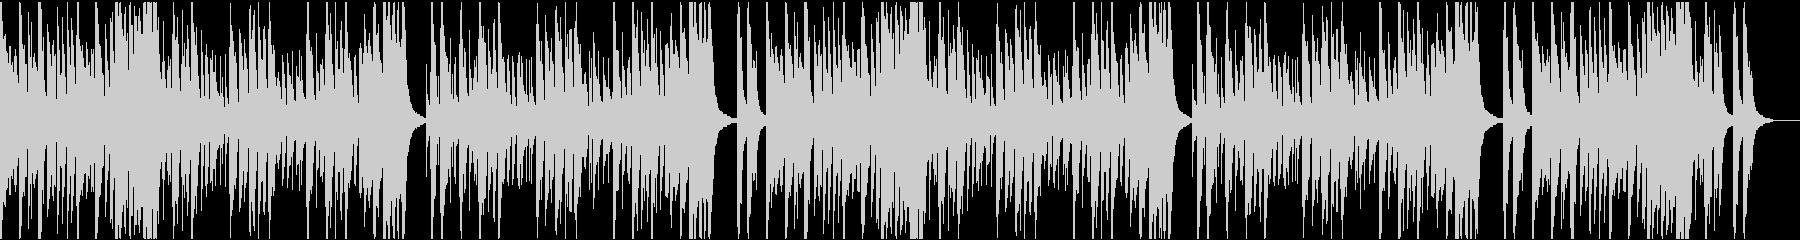 10秒でサビ、コミカル/カラオケの未再生の波形